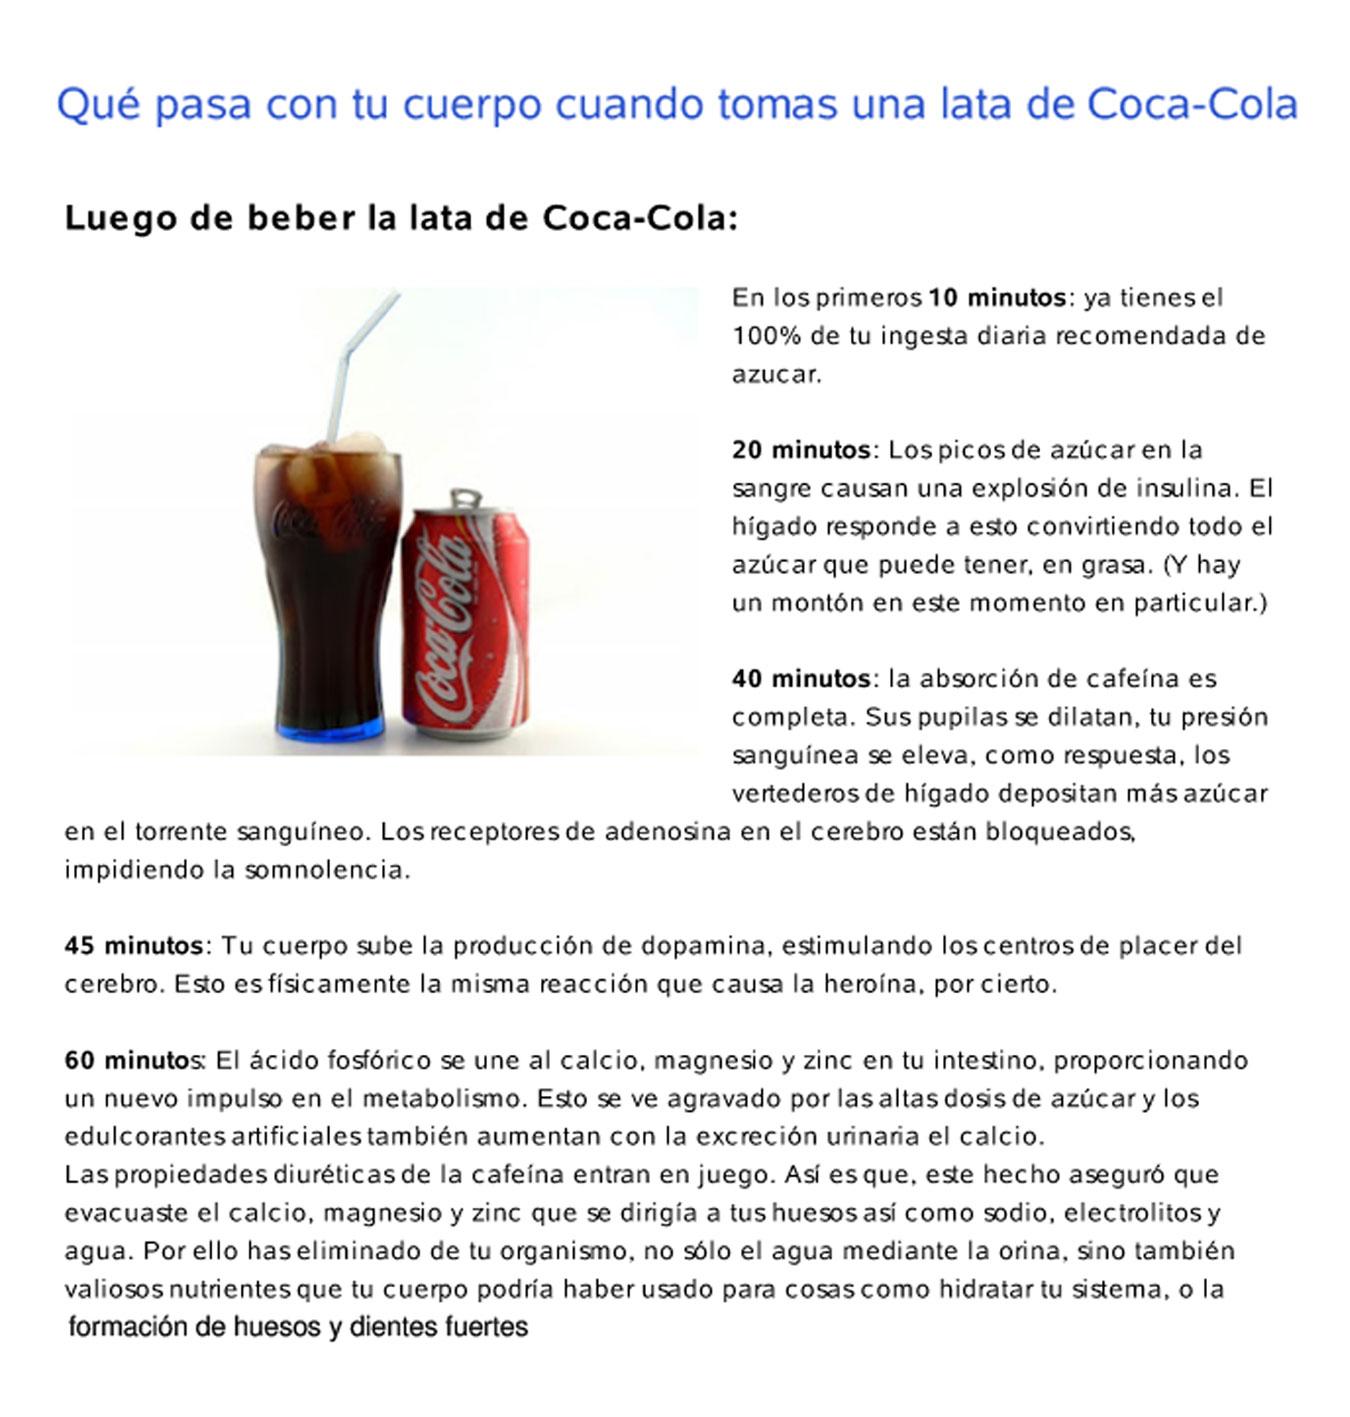 """""""Coca Cola: la historia negra de las aguas negras"""" - texto de Gustavo Castro Soto - publicado en 2003 por CIEPAC - en los mensajes: cómo actúa la Coca-cola en el organismo y poema de Rafael Alberti sobre la Coca-cola Coca-cola"""